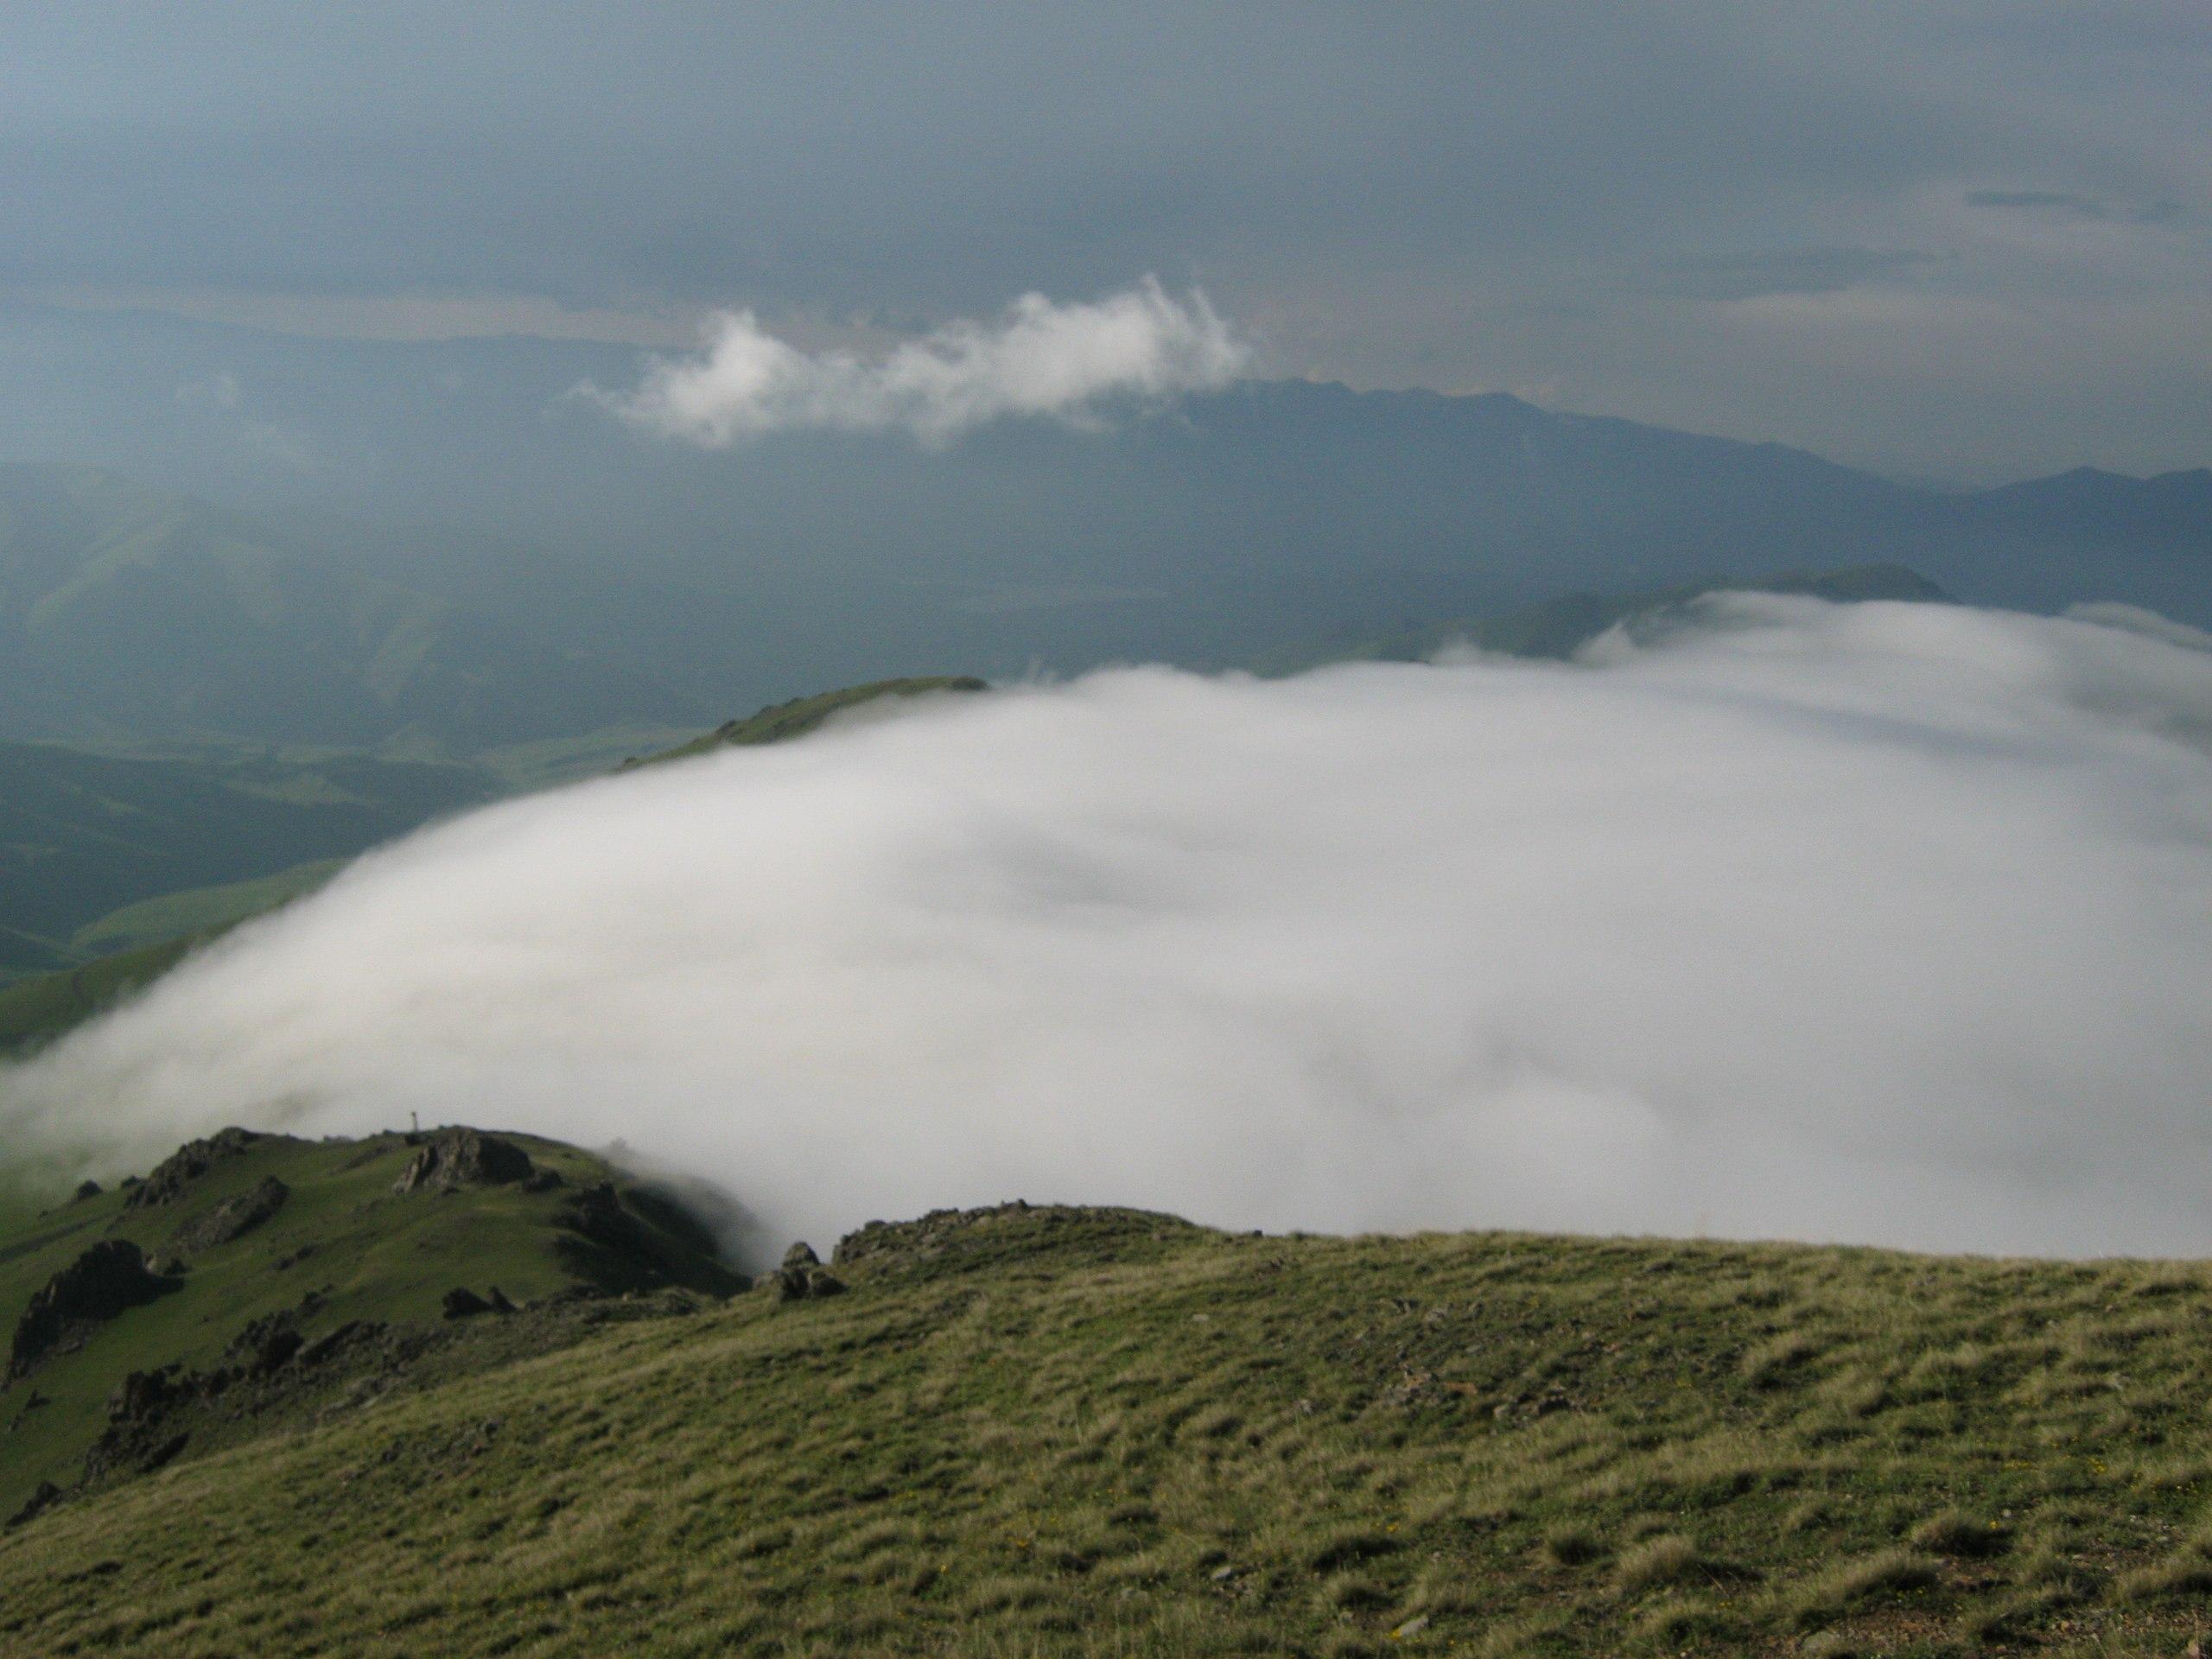 вскоре после выпадения дождя поднимается густой туман